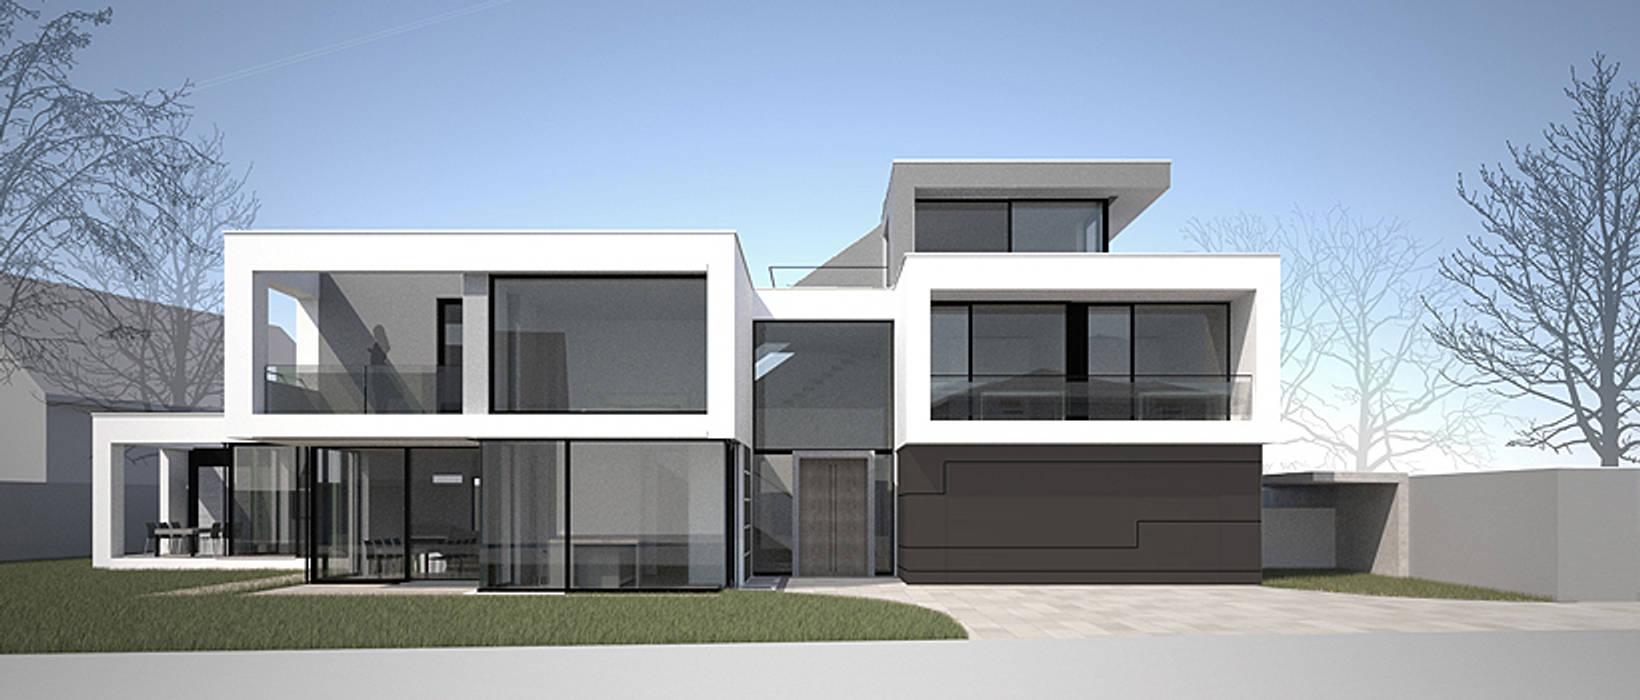 GALLIST ARCHITEKTEN GmbH Modern Houses